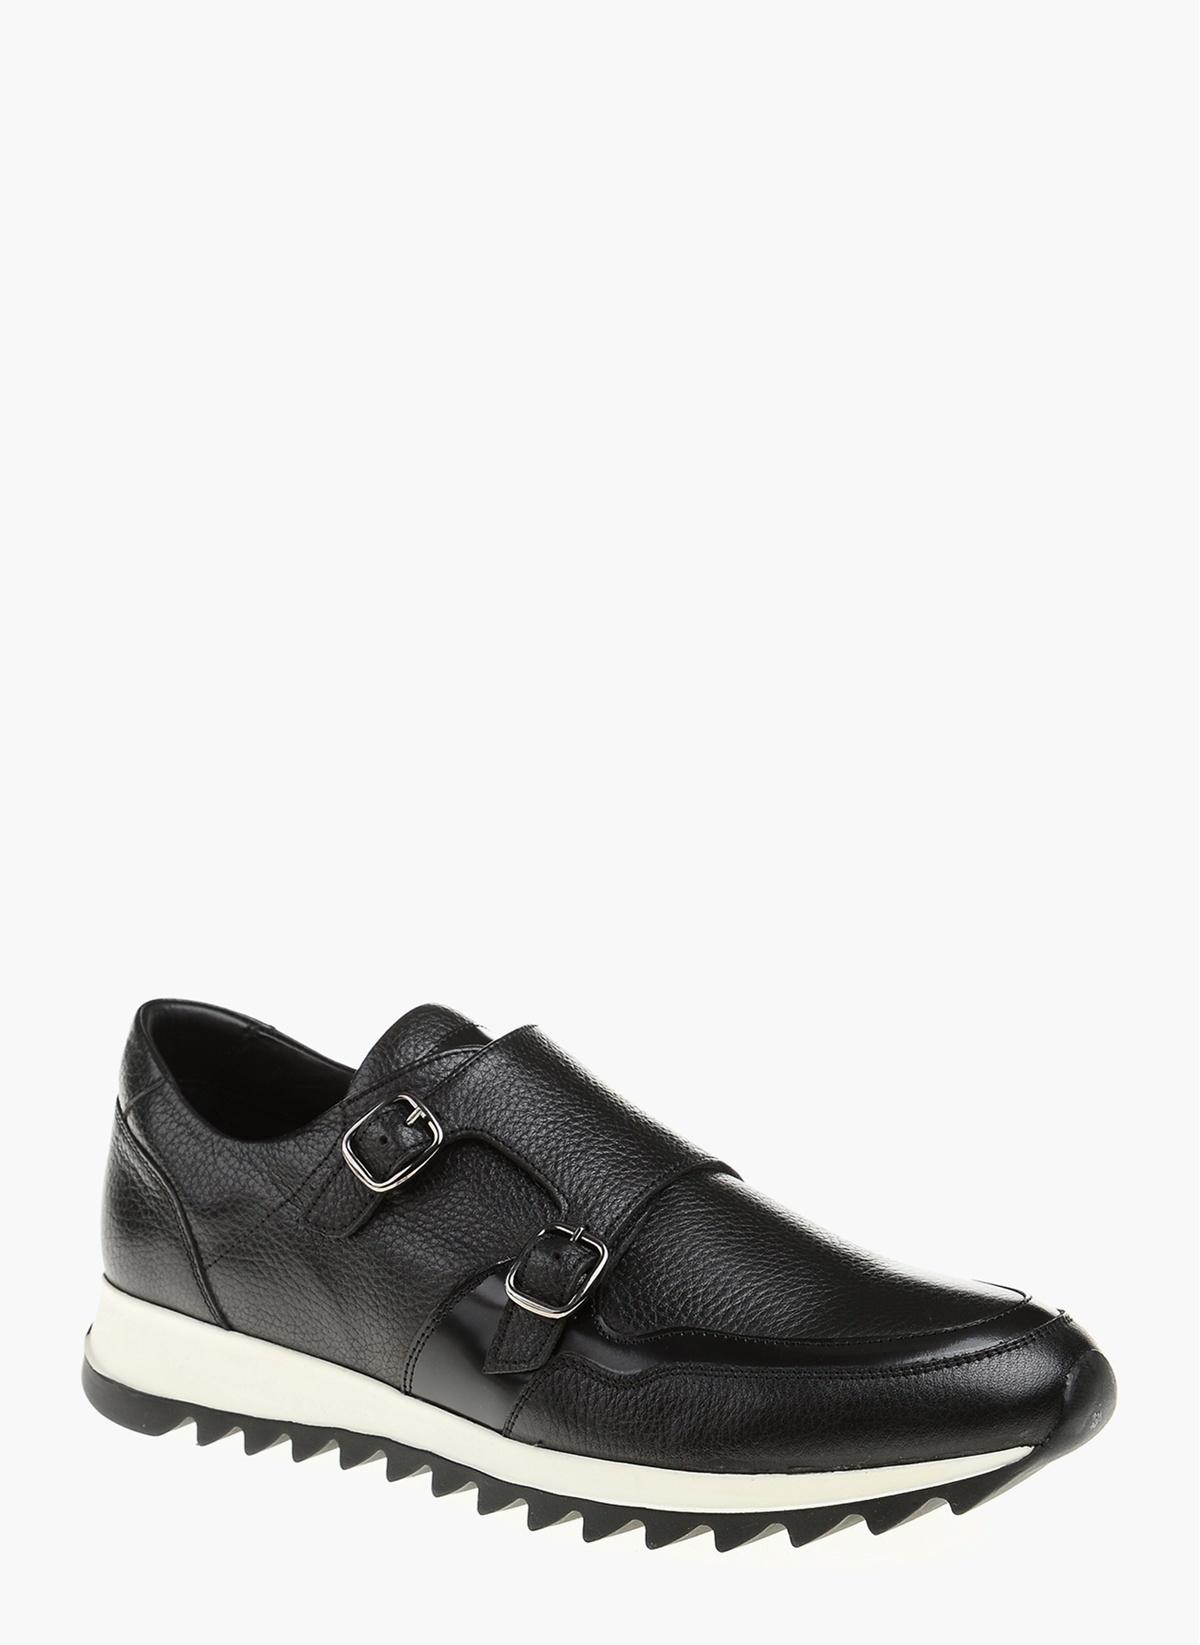 Divarese %100 Deri Çift Tokalı Ayakkabı 5021341 E Ayakkabı – 469.0 TL